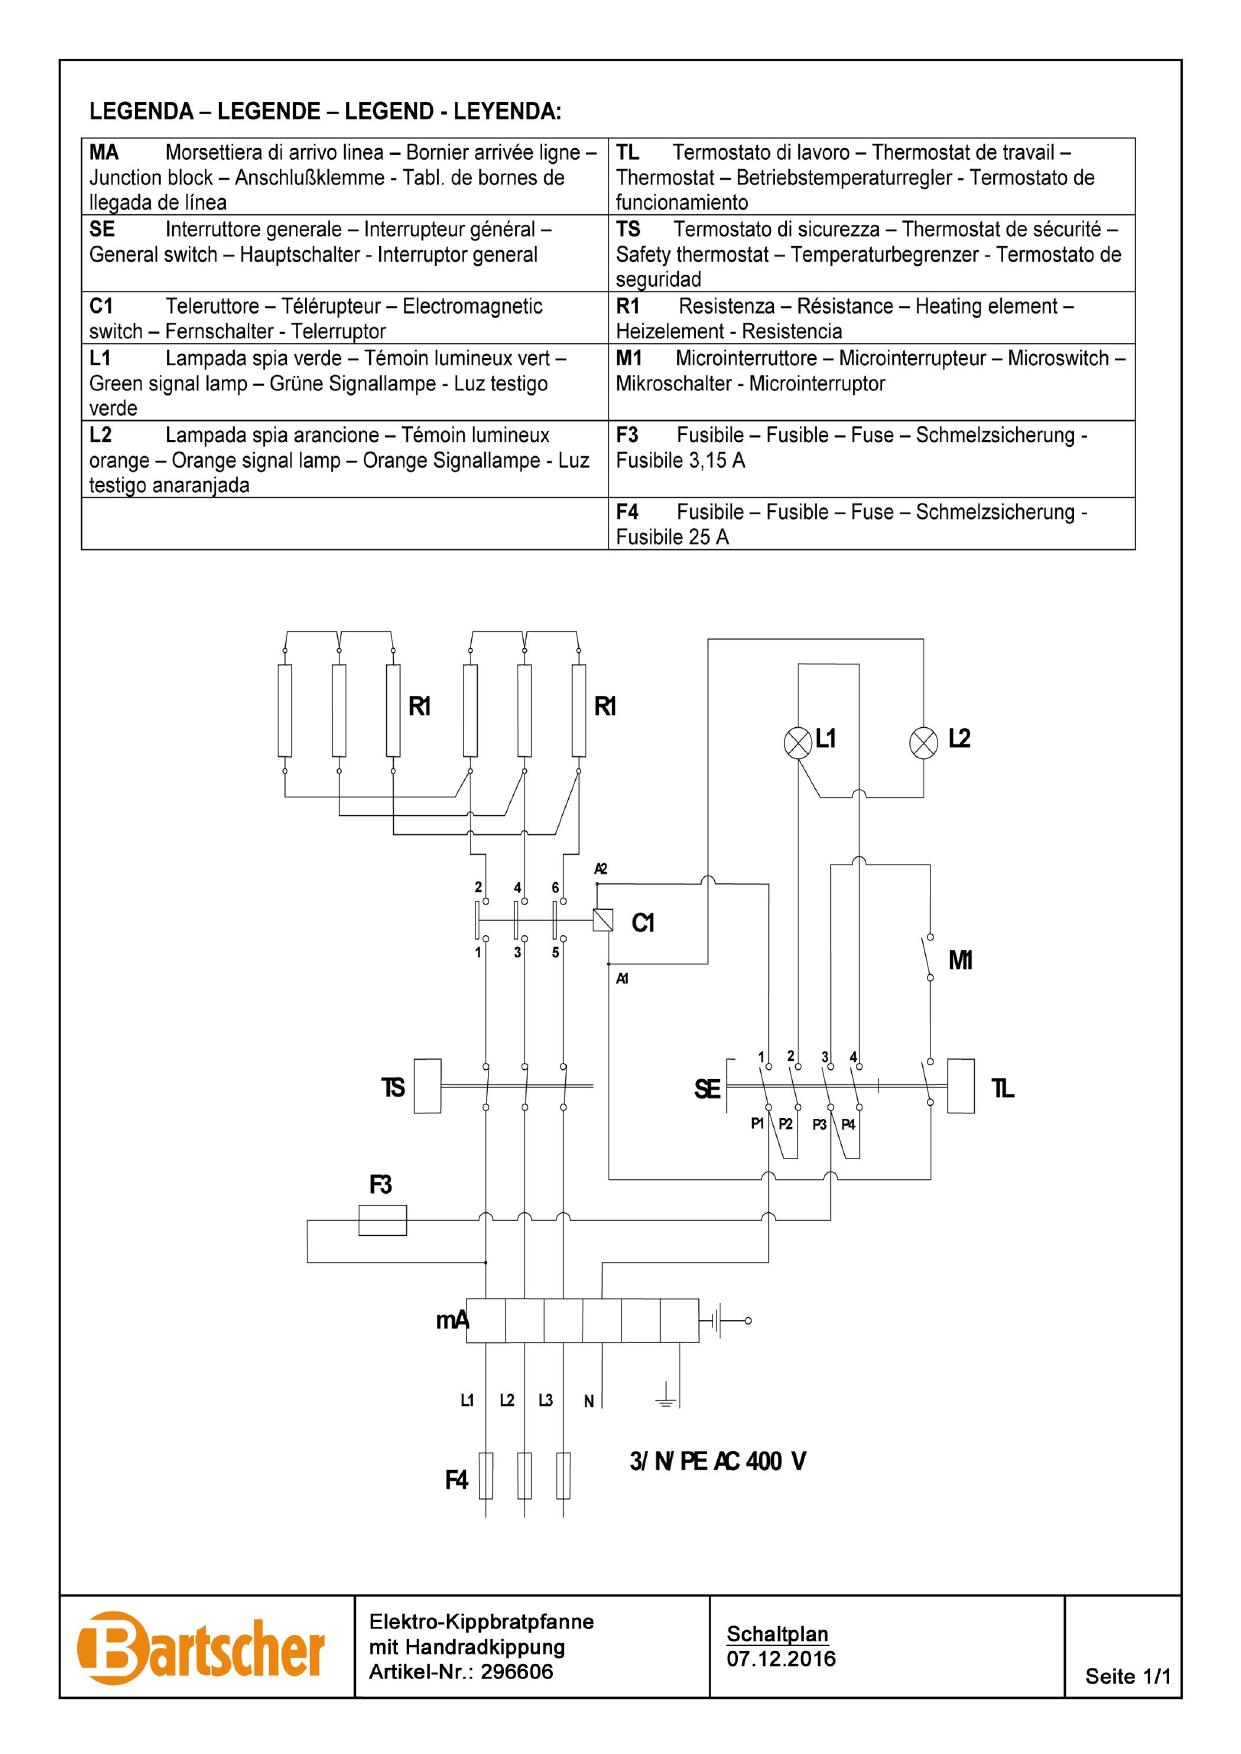 Bartscher 296606 Tilting Frying Pan 900 E87lhk Wiring